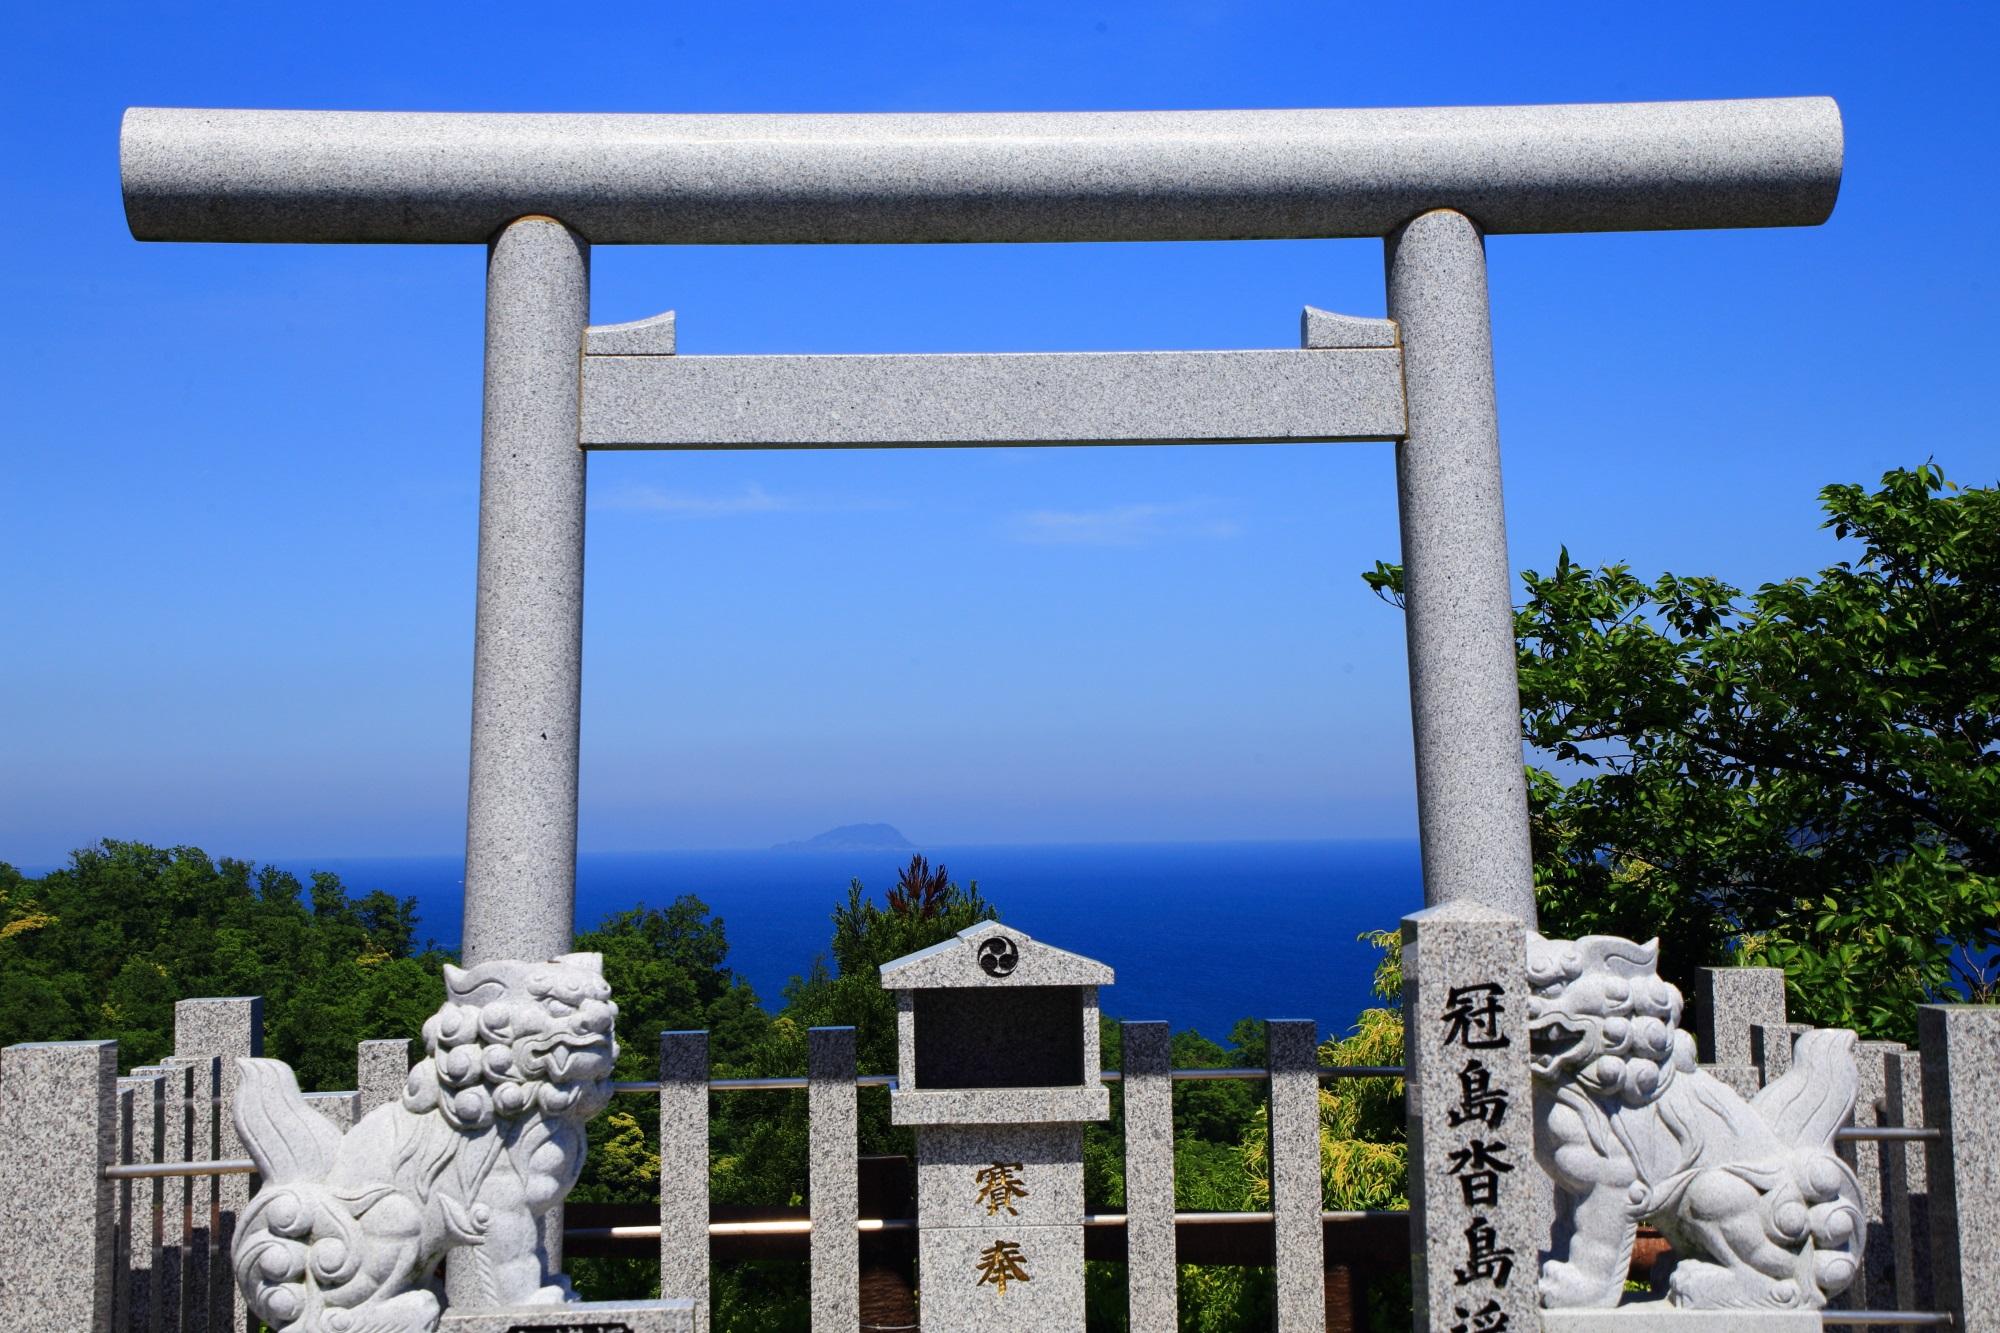 鳥居の奥から厳かな雰囲気が伝わってくる傘松公園の冠島沓島遥拝所